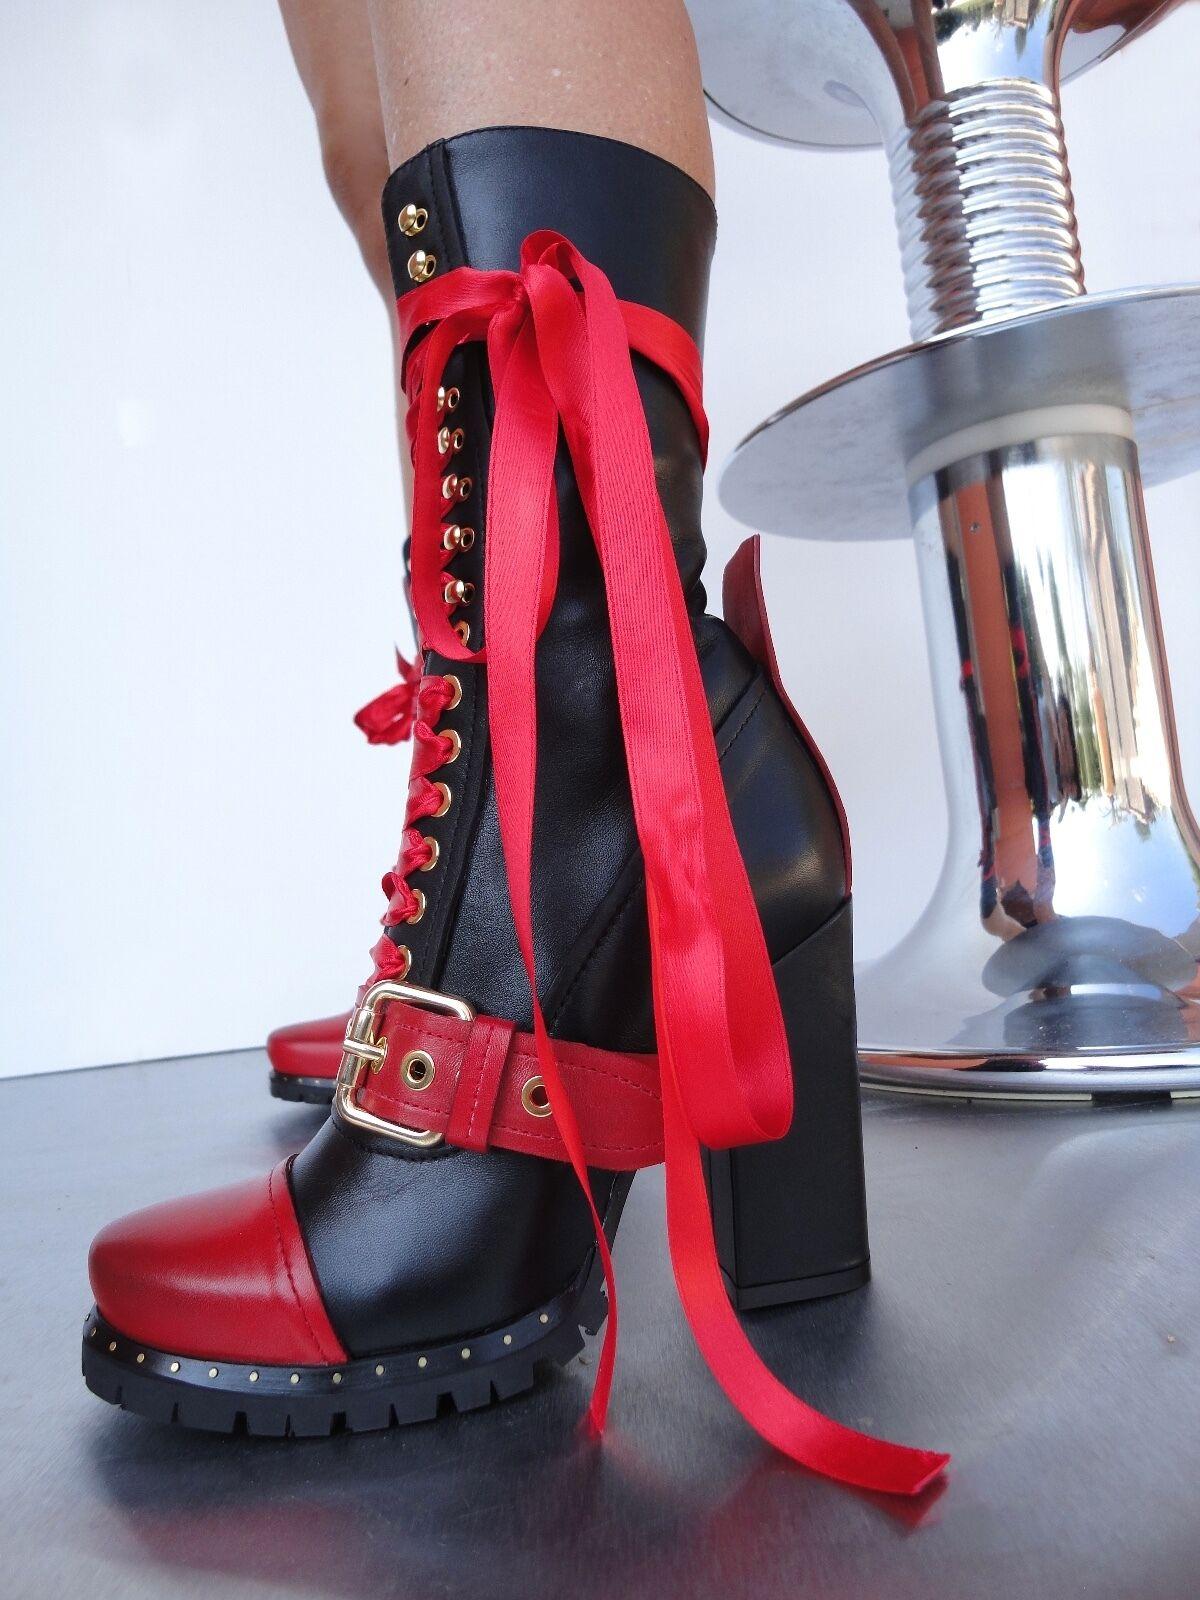 godendo i tuoi acquisti CQ COUTURE CUSTOM BIKER HEELS HEELS HEELS stivali stivali STIVALI LEATHER rosso nero NERO 37  stile classico